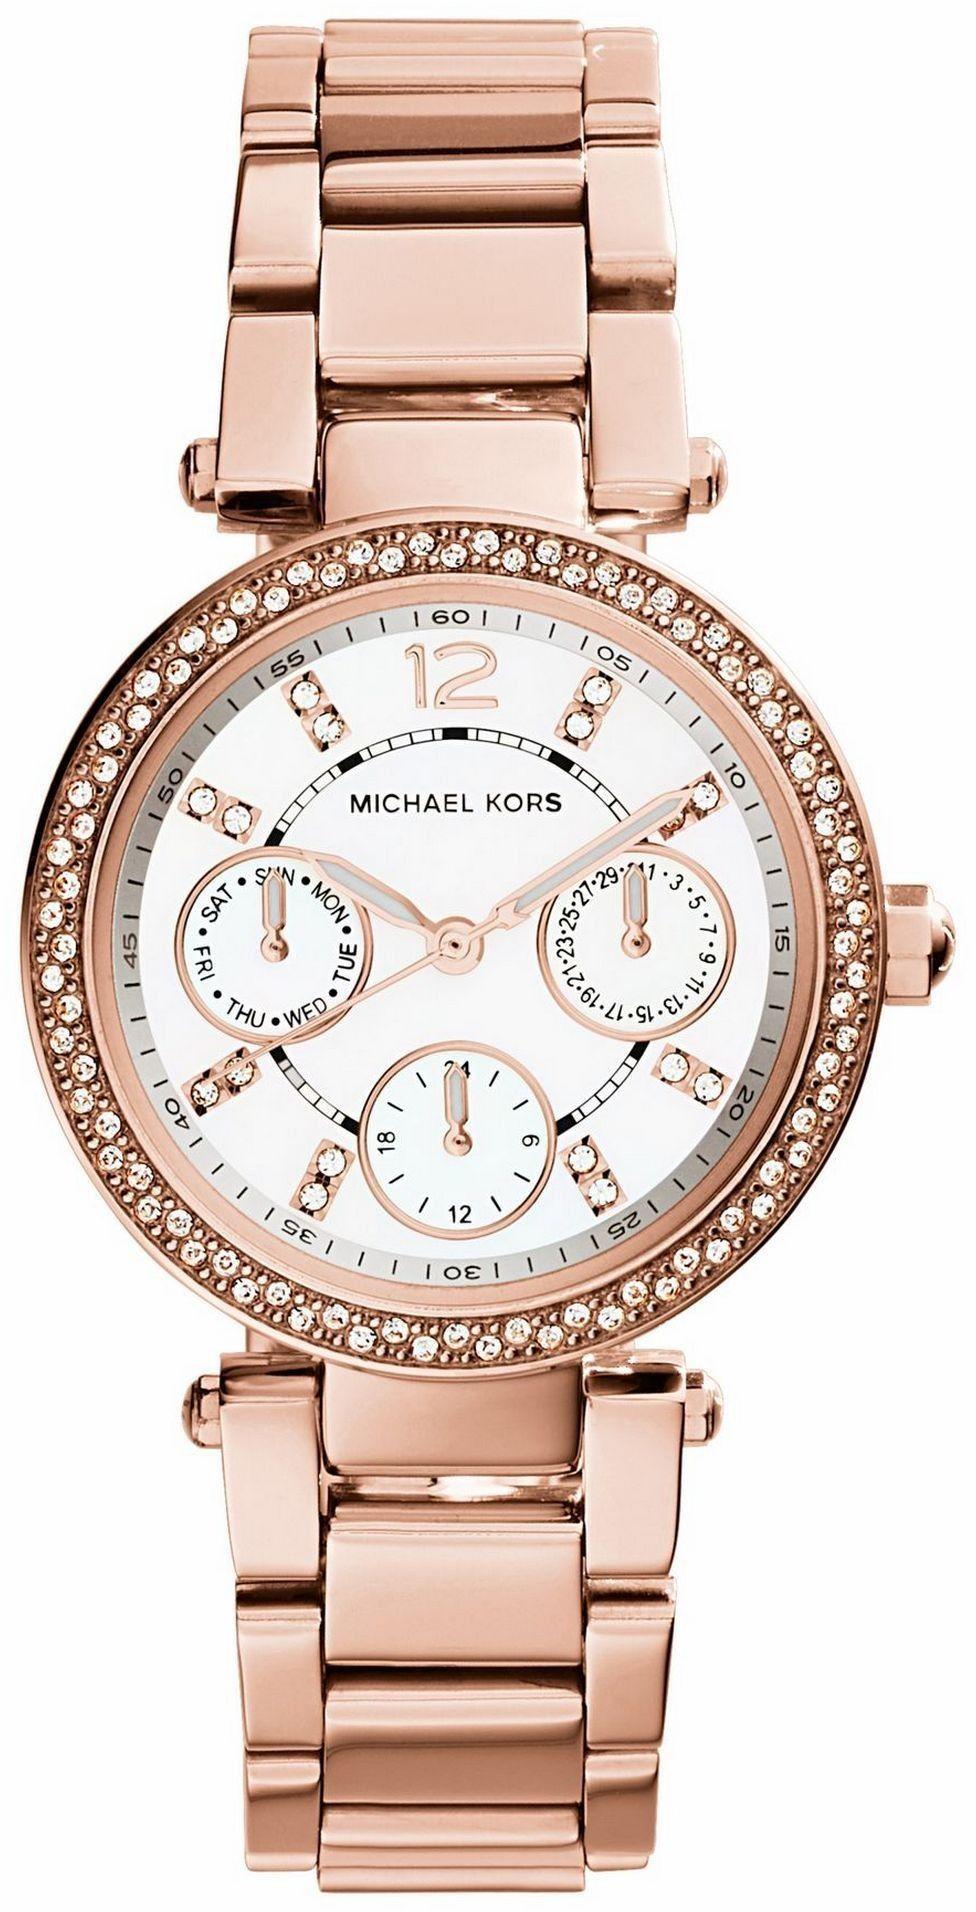 Zegarek Michael Kors MK5616 MINI PARKER - CENA DO NEGOCJACJI - DOSTAWA DHL GRATIS, KUPUJ BEZ RYZYKA - 100 dni na zwrot, możliwość wygrawerowania dowolnego tekstu.